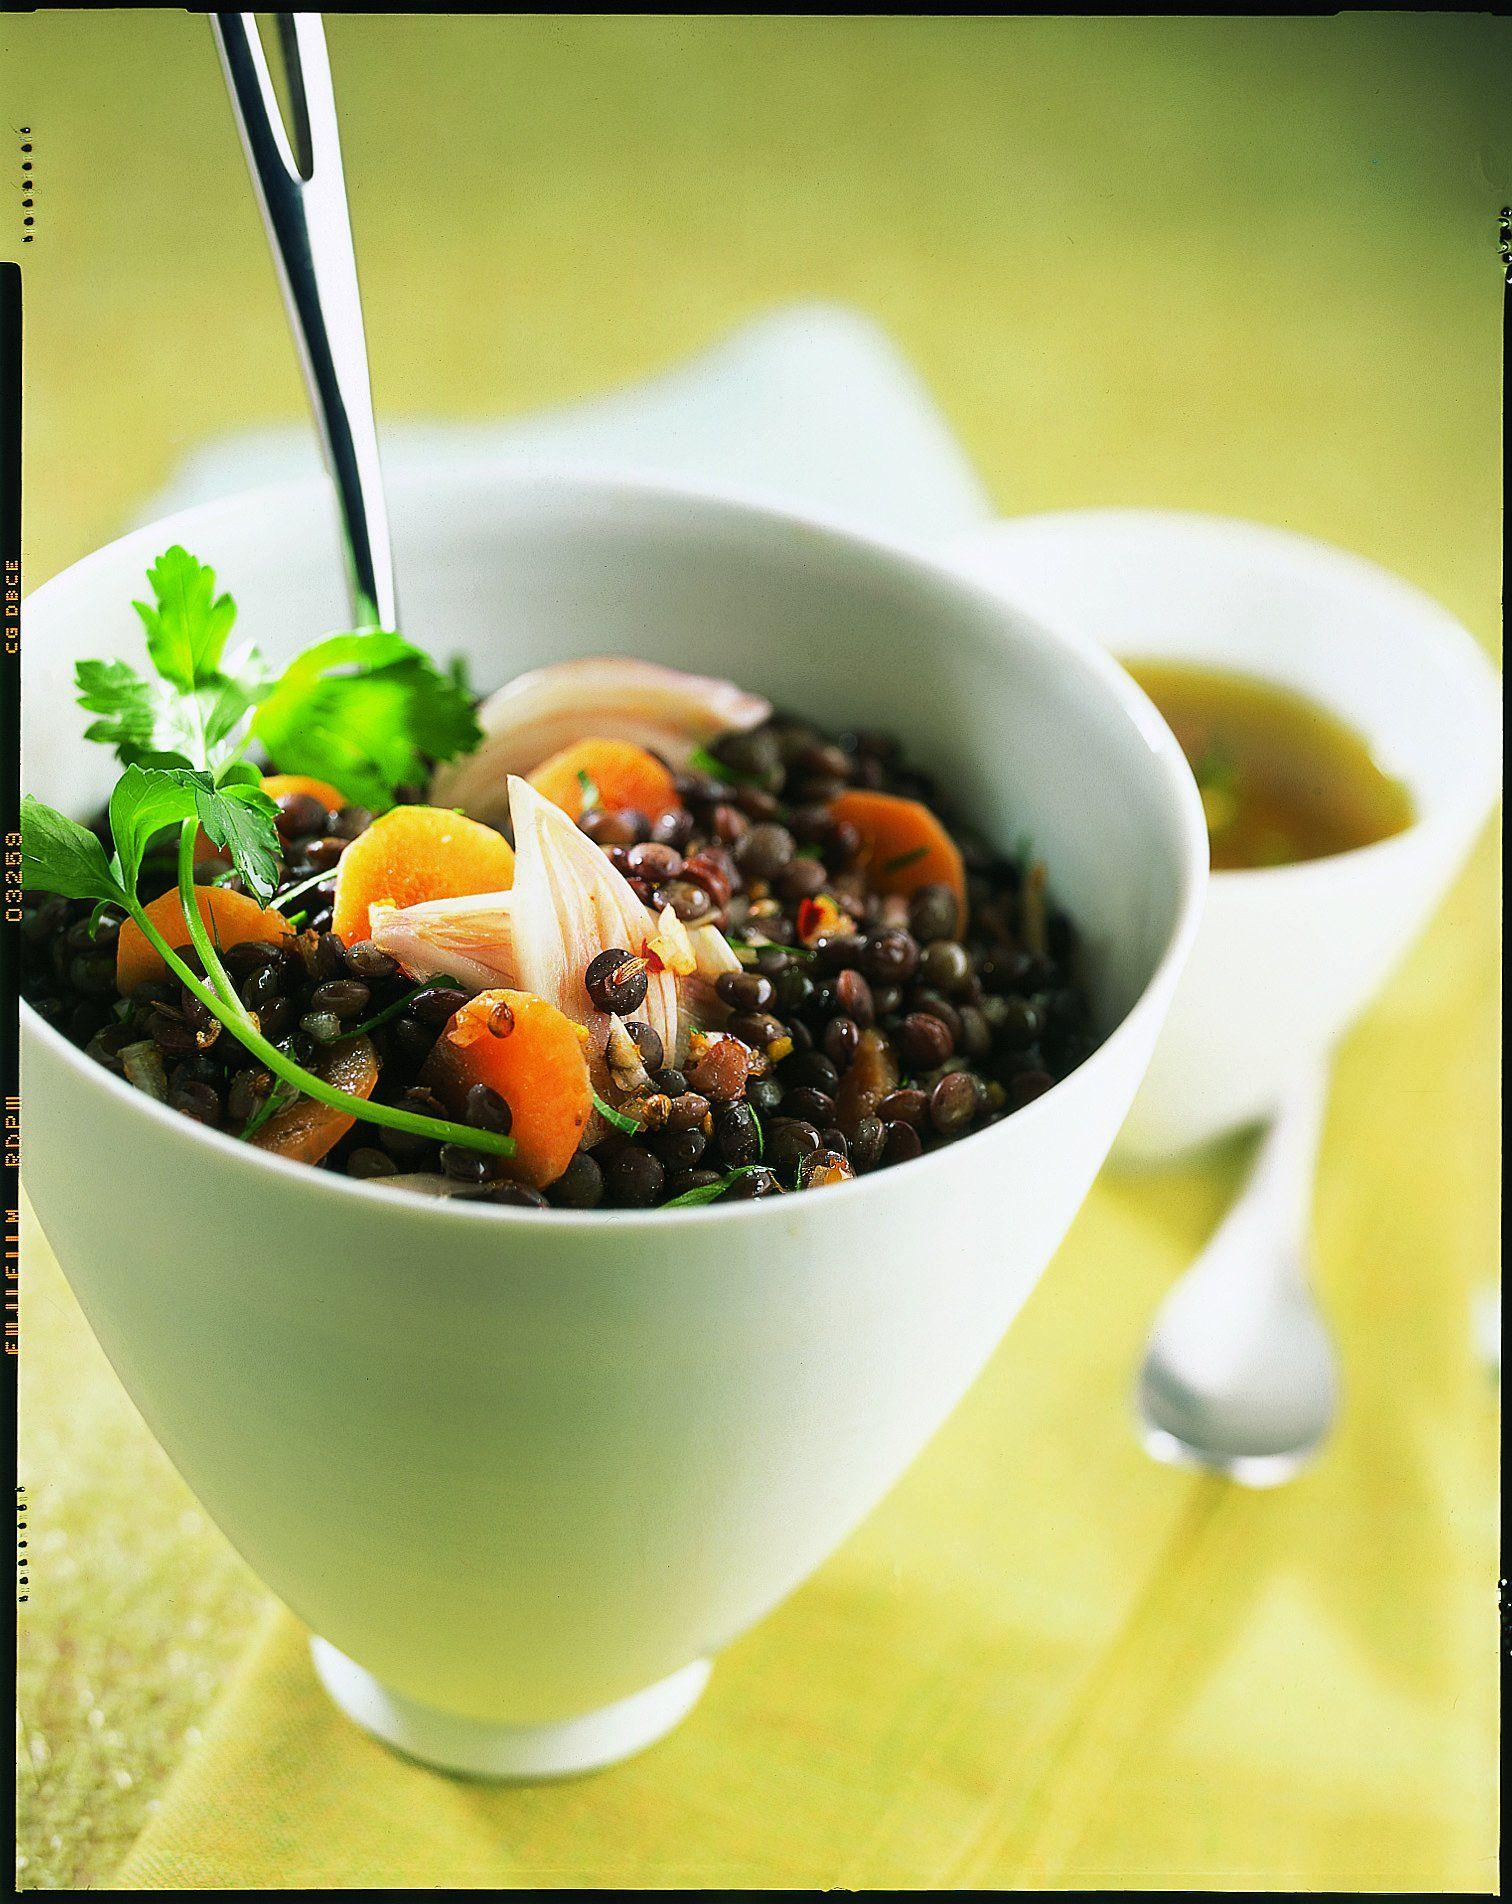 Salade de lentilles au curry | Salade de lentilles, Curry ...